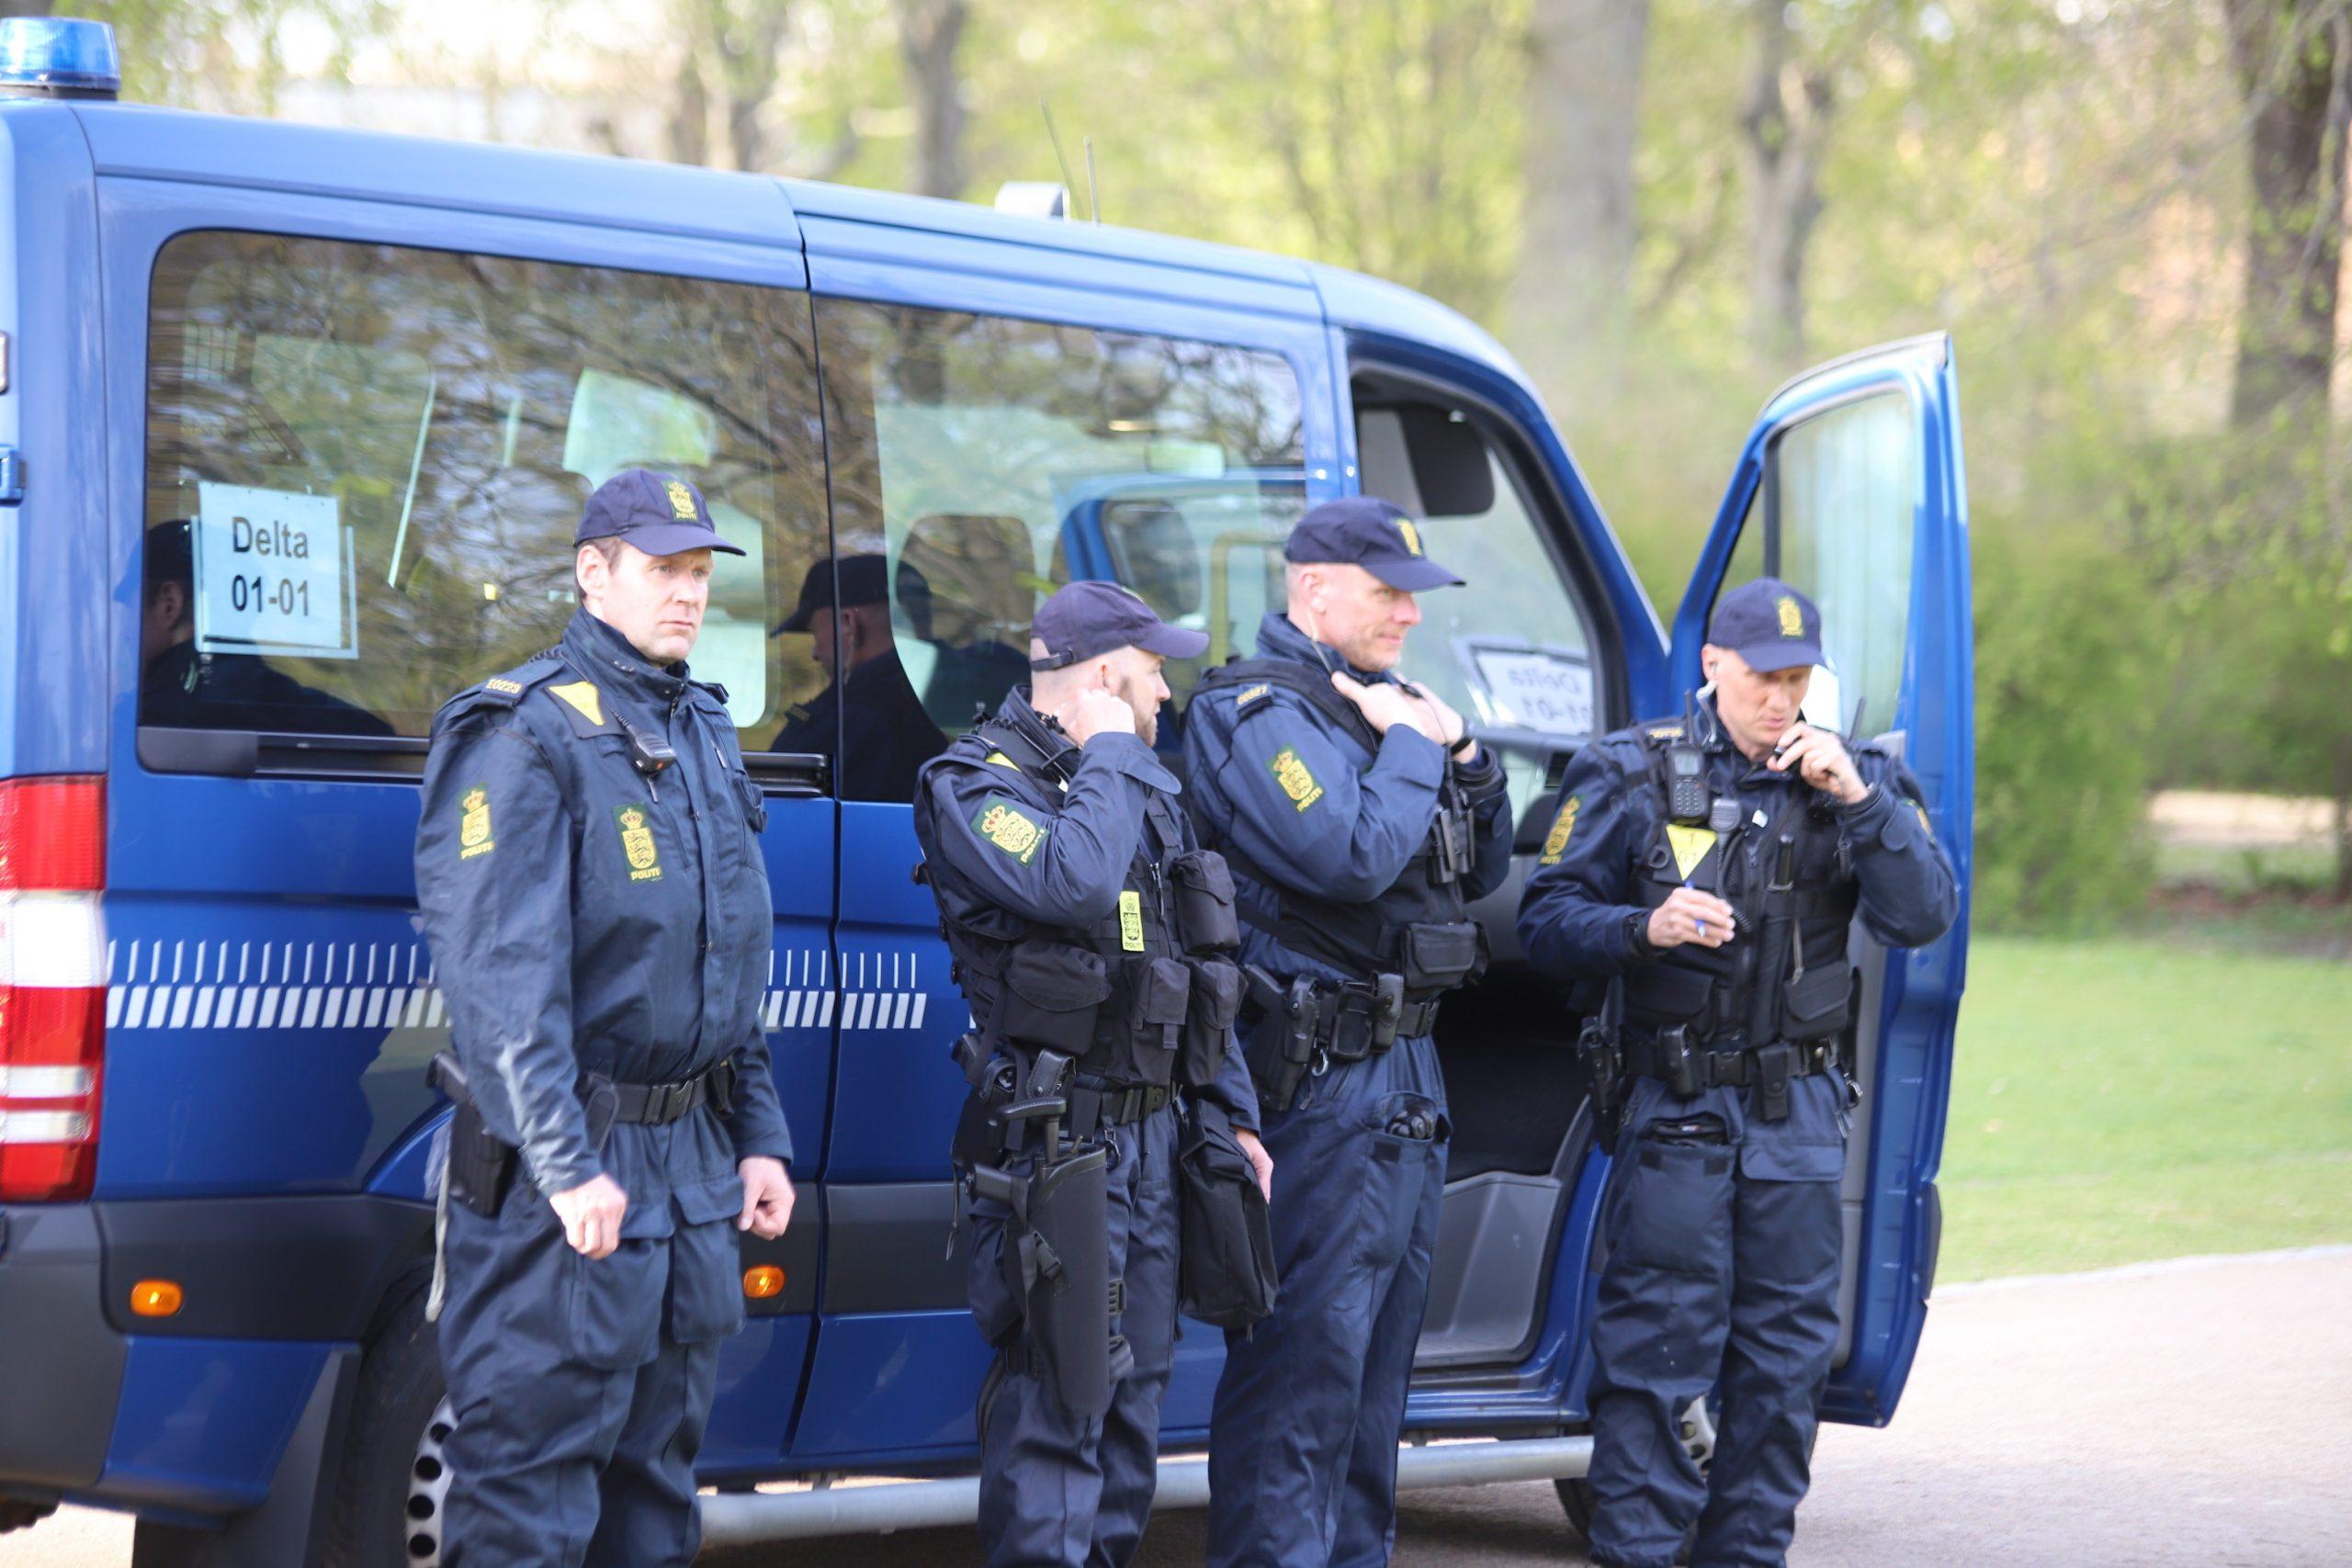 Politiet gør status på demonstration i Aalborg: En person anholdt, flere sigtede